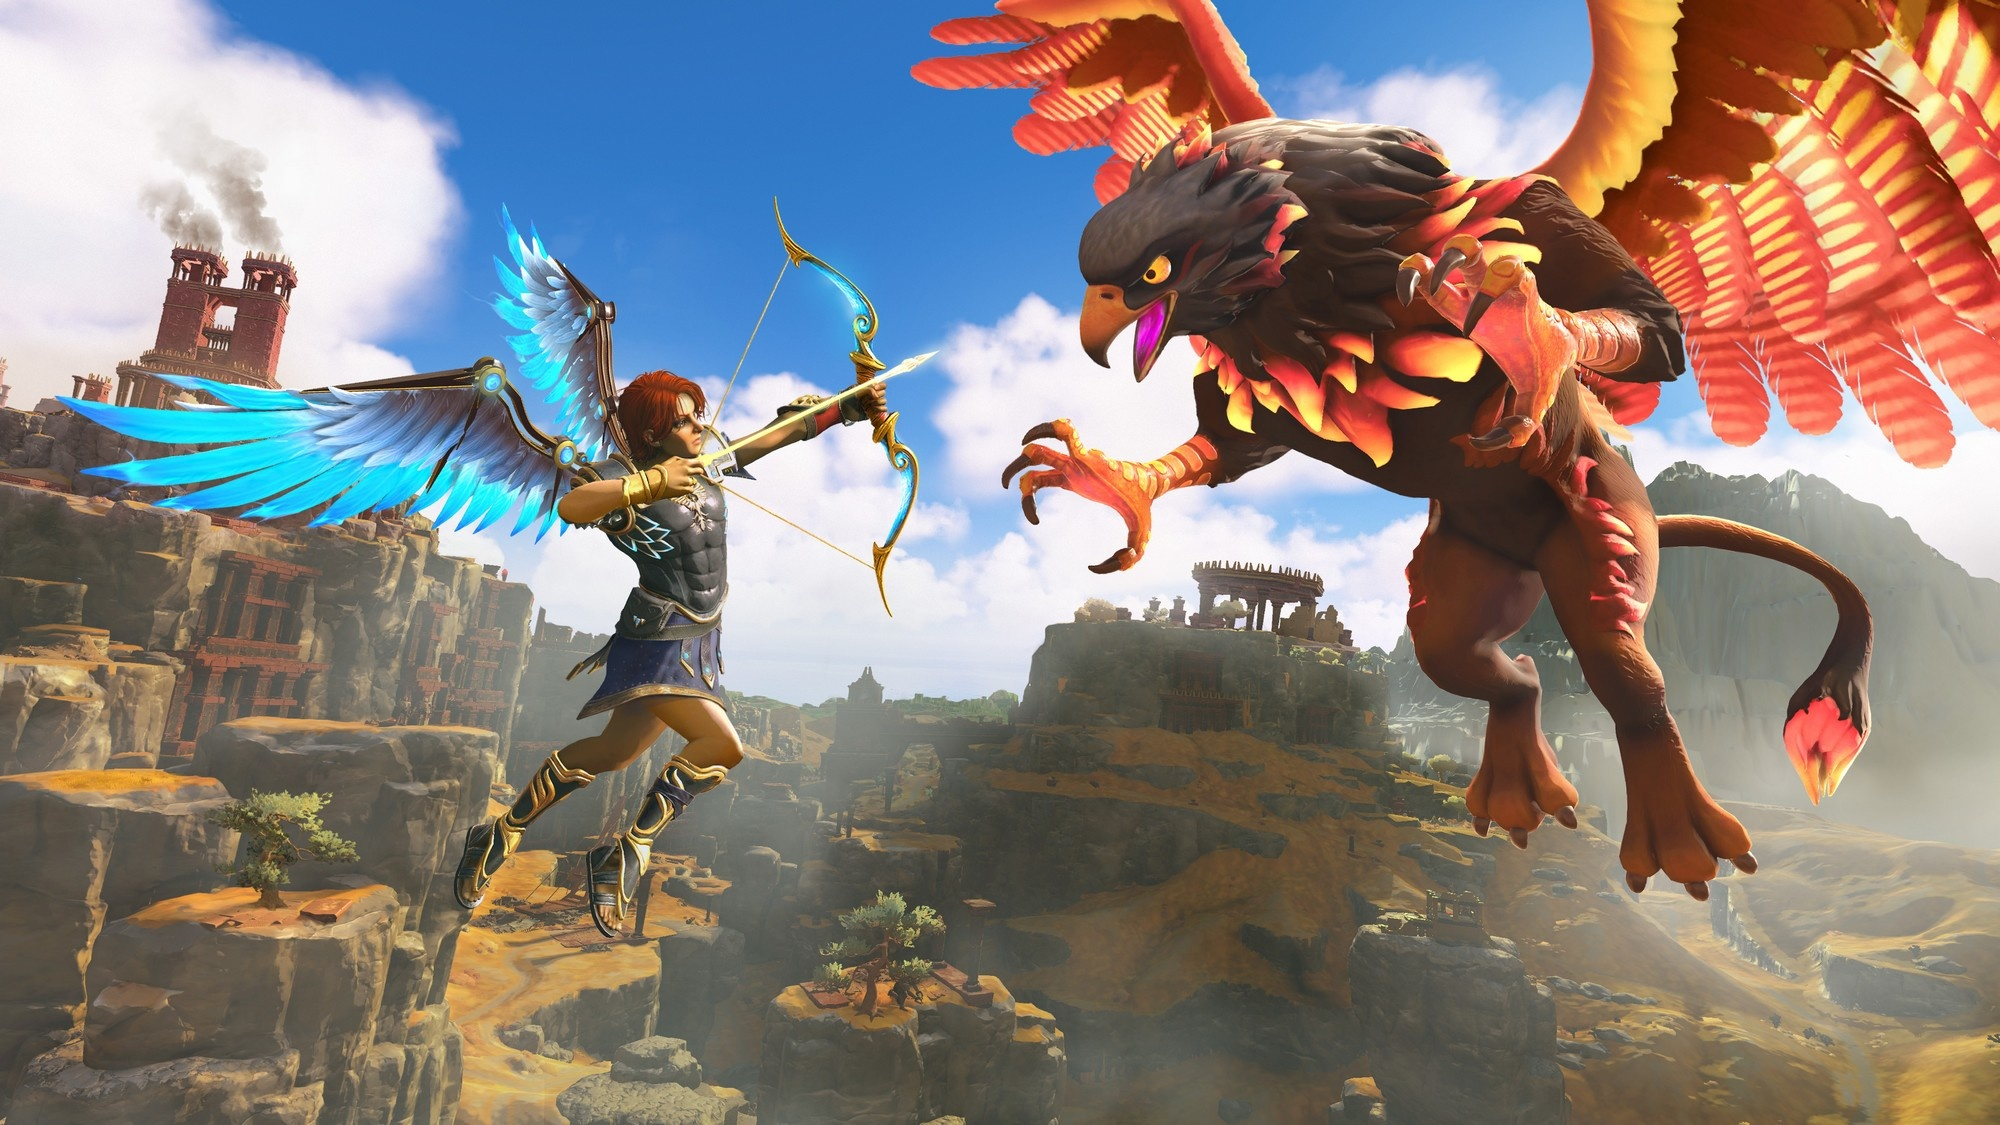 Ubisoft была вынуждена сменить название Gods & Monsters из-за жалобы производителя энергетиков